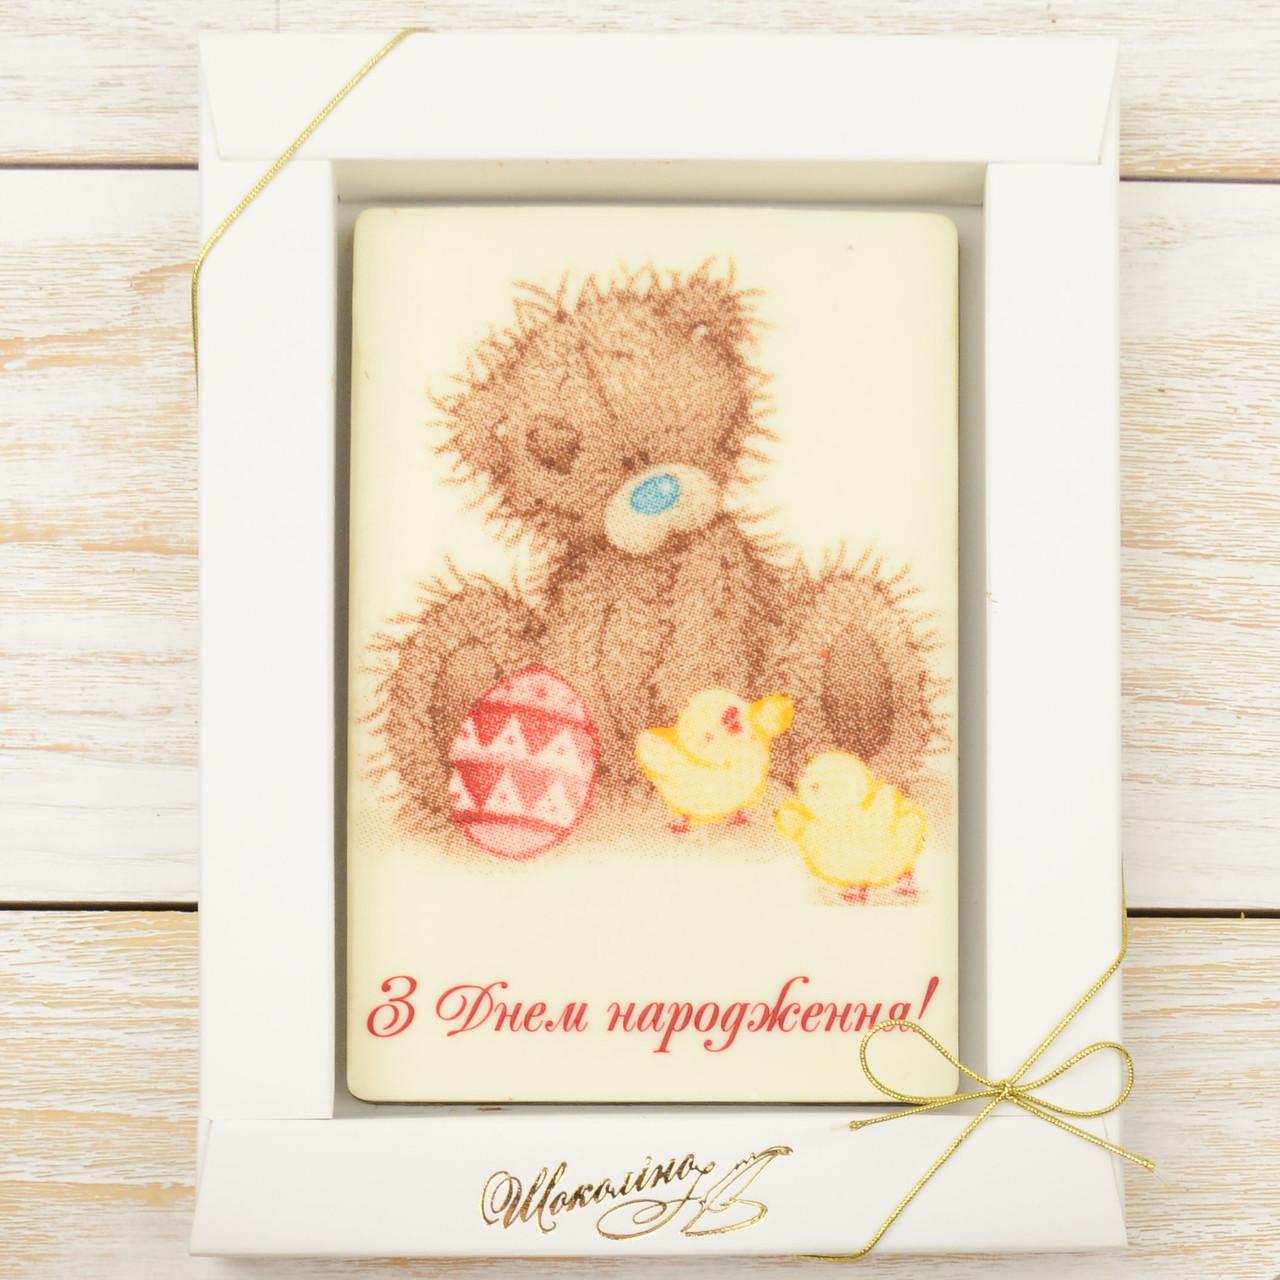 """Шоколадная открытка """"С Днем рождения!"""" классическое сырье. Размер: 187х142х10 мм, вес 170г, фото 1"""